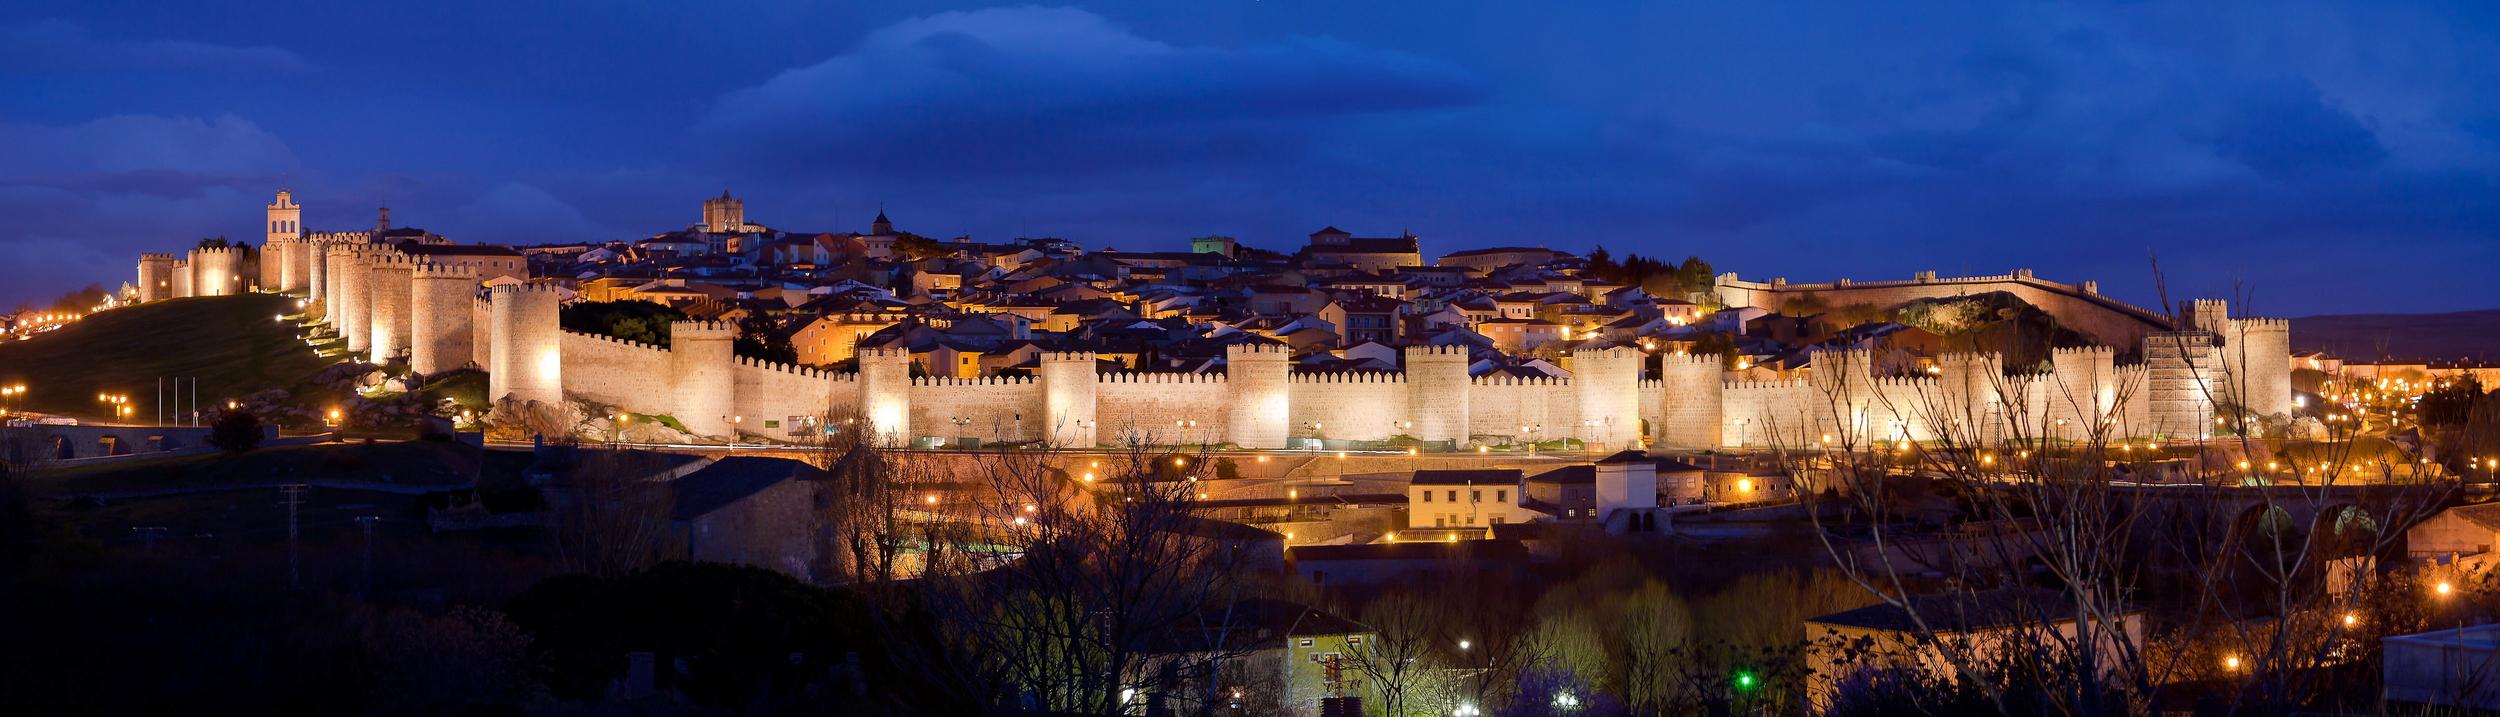 Panoramica_nocturna_de_la_Ciudad_de_Ávila.jpg